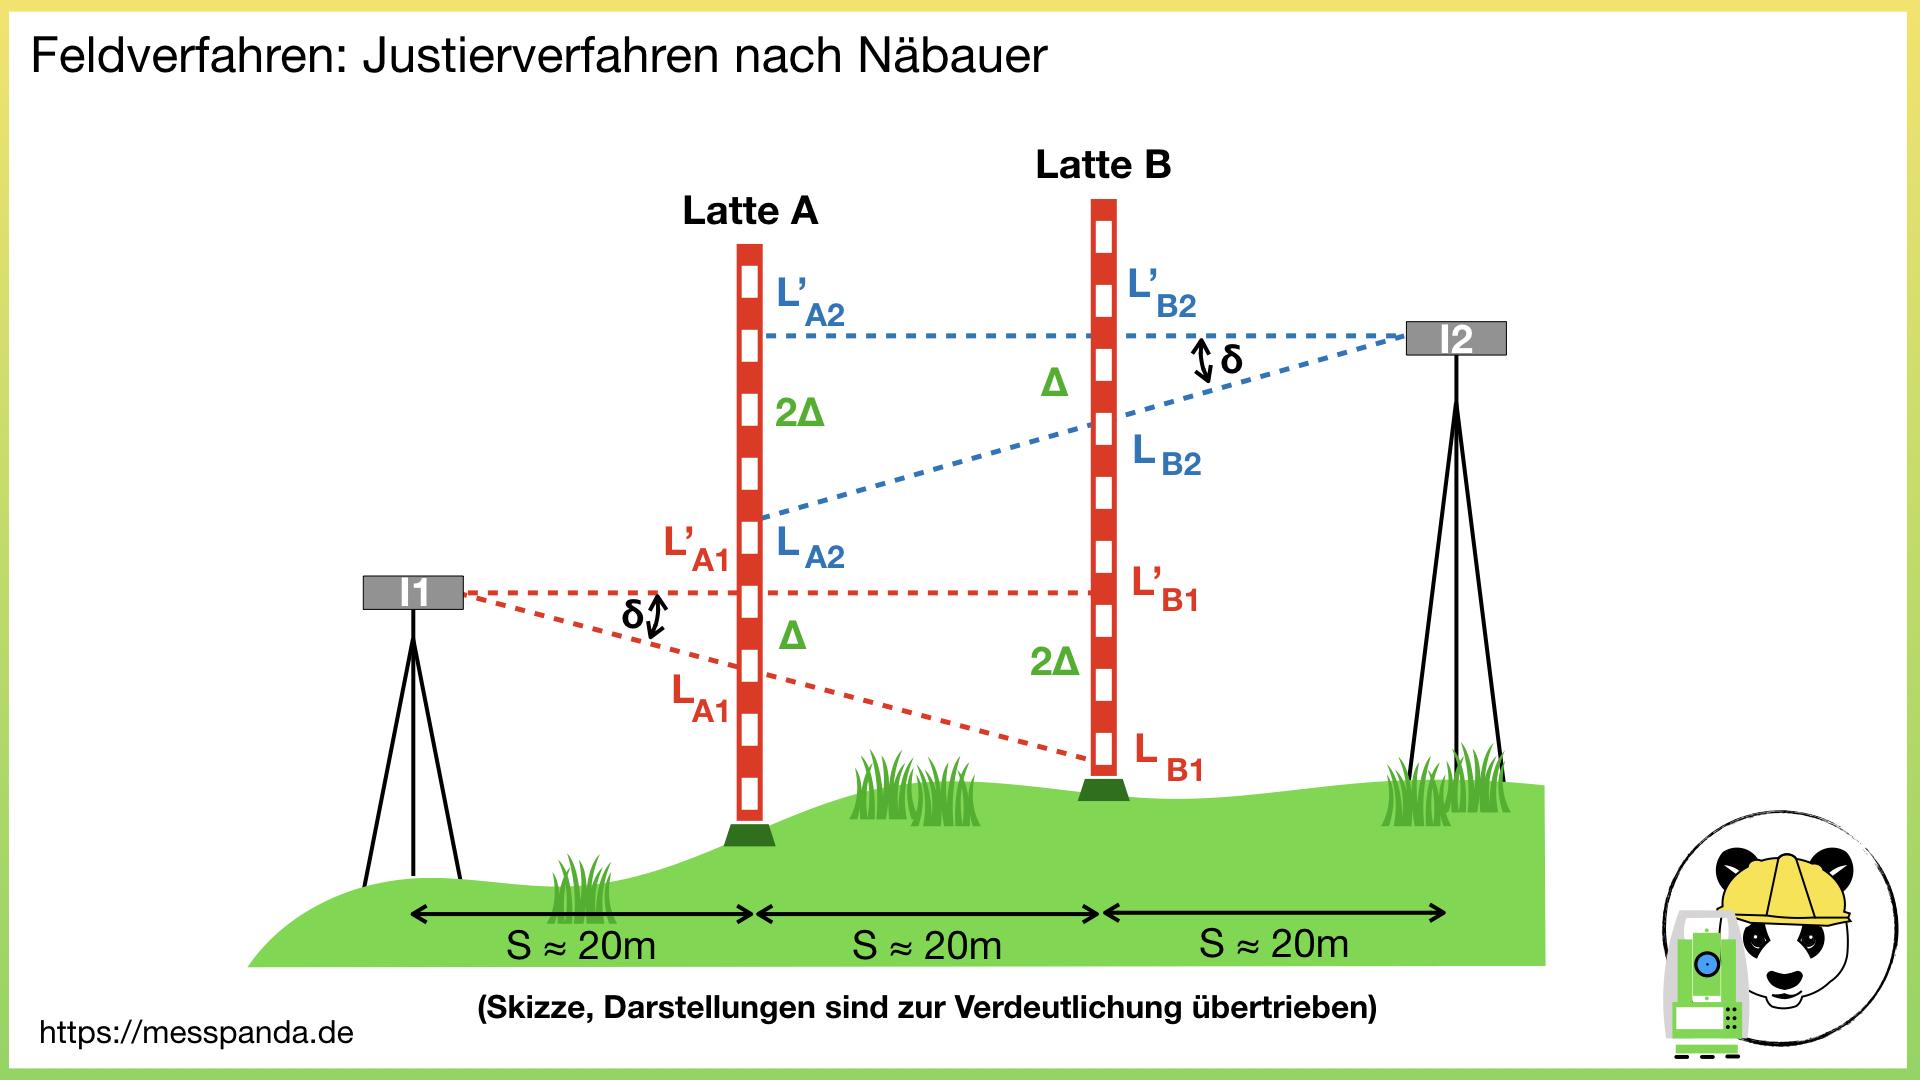 Image for Wie unterscheiden sich die Justierverfahren nach Näbauer und Förstner?